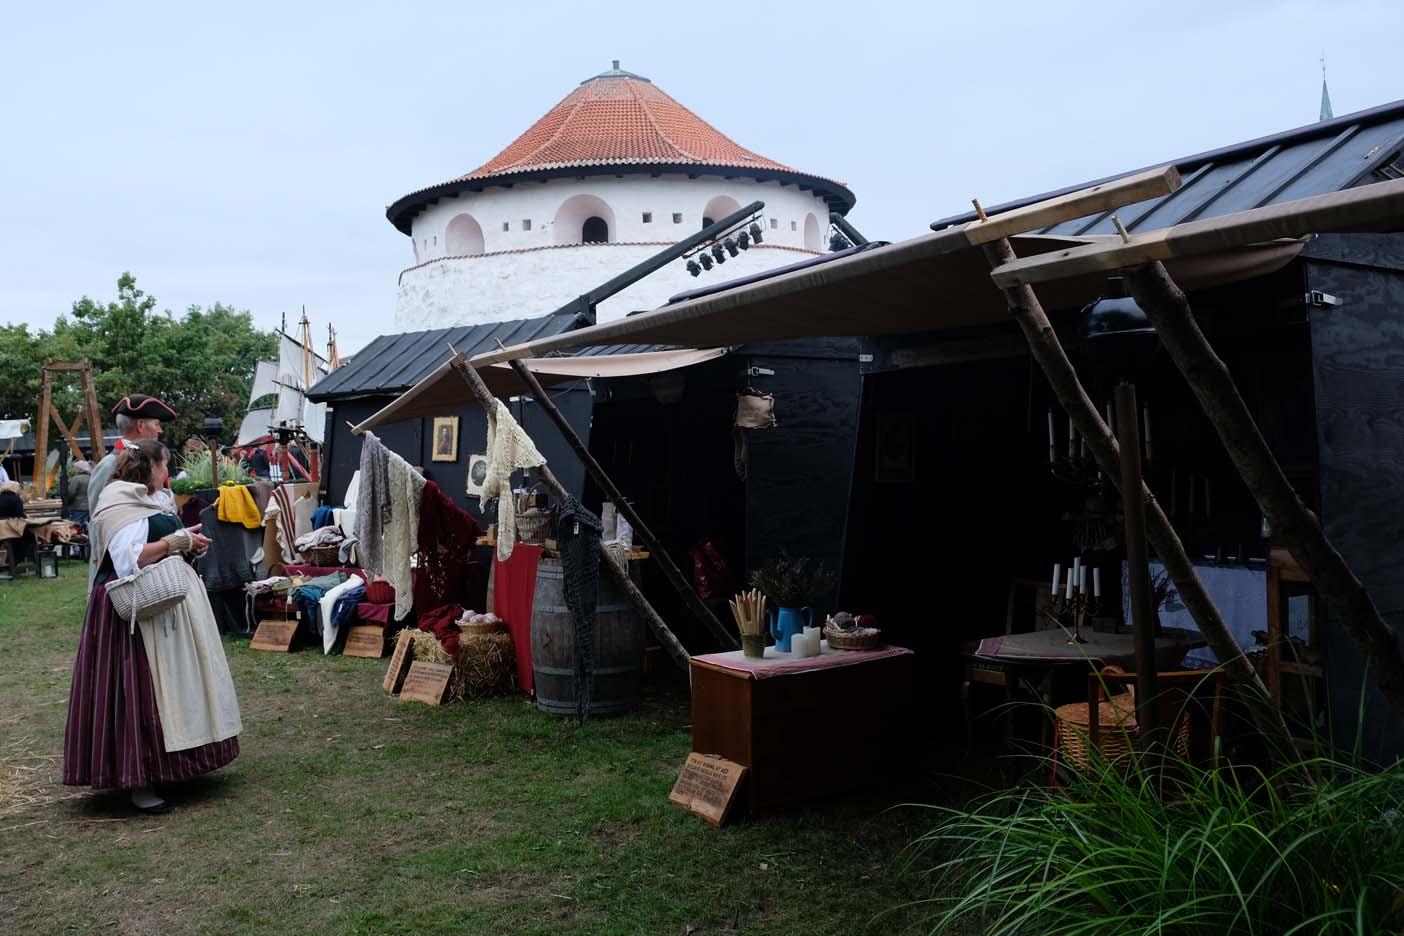 frederikshavn- festival-middeleeuws